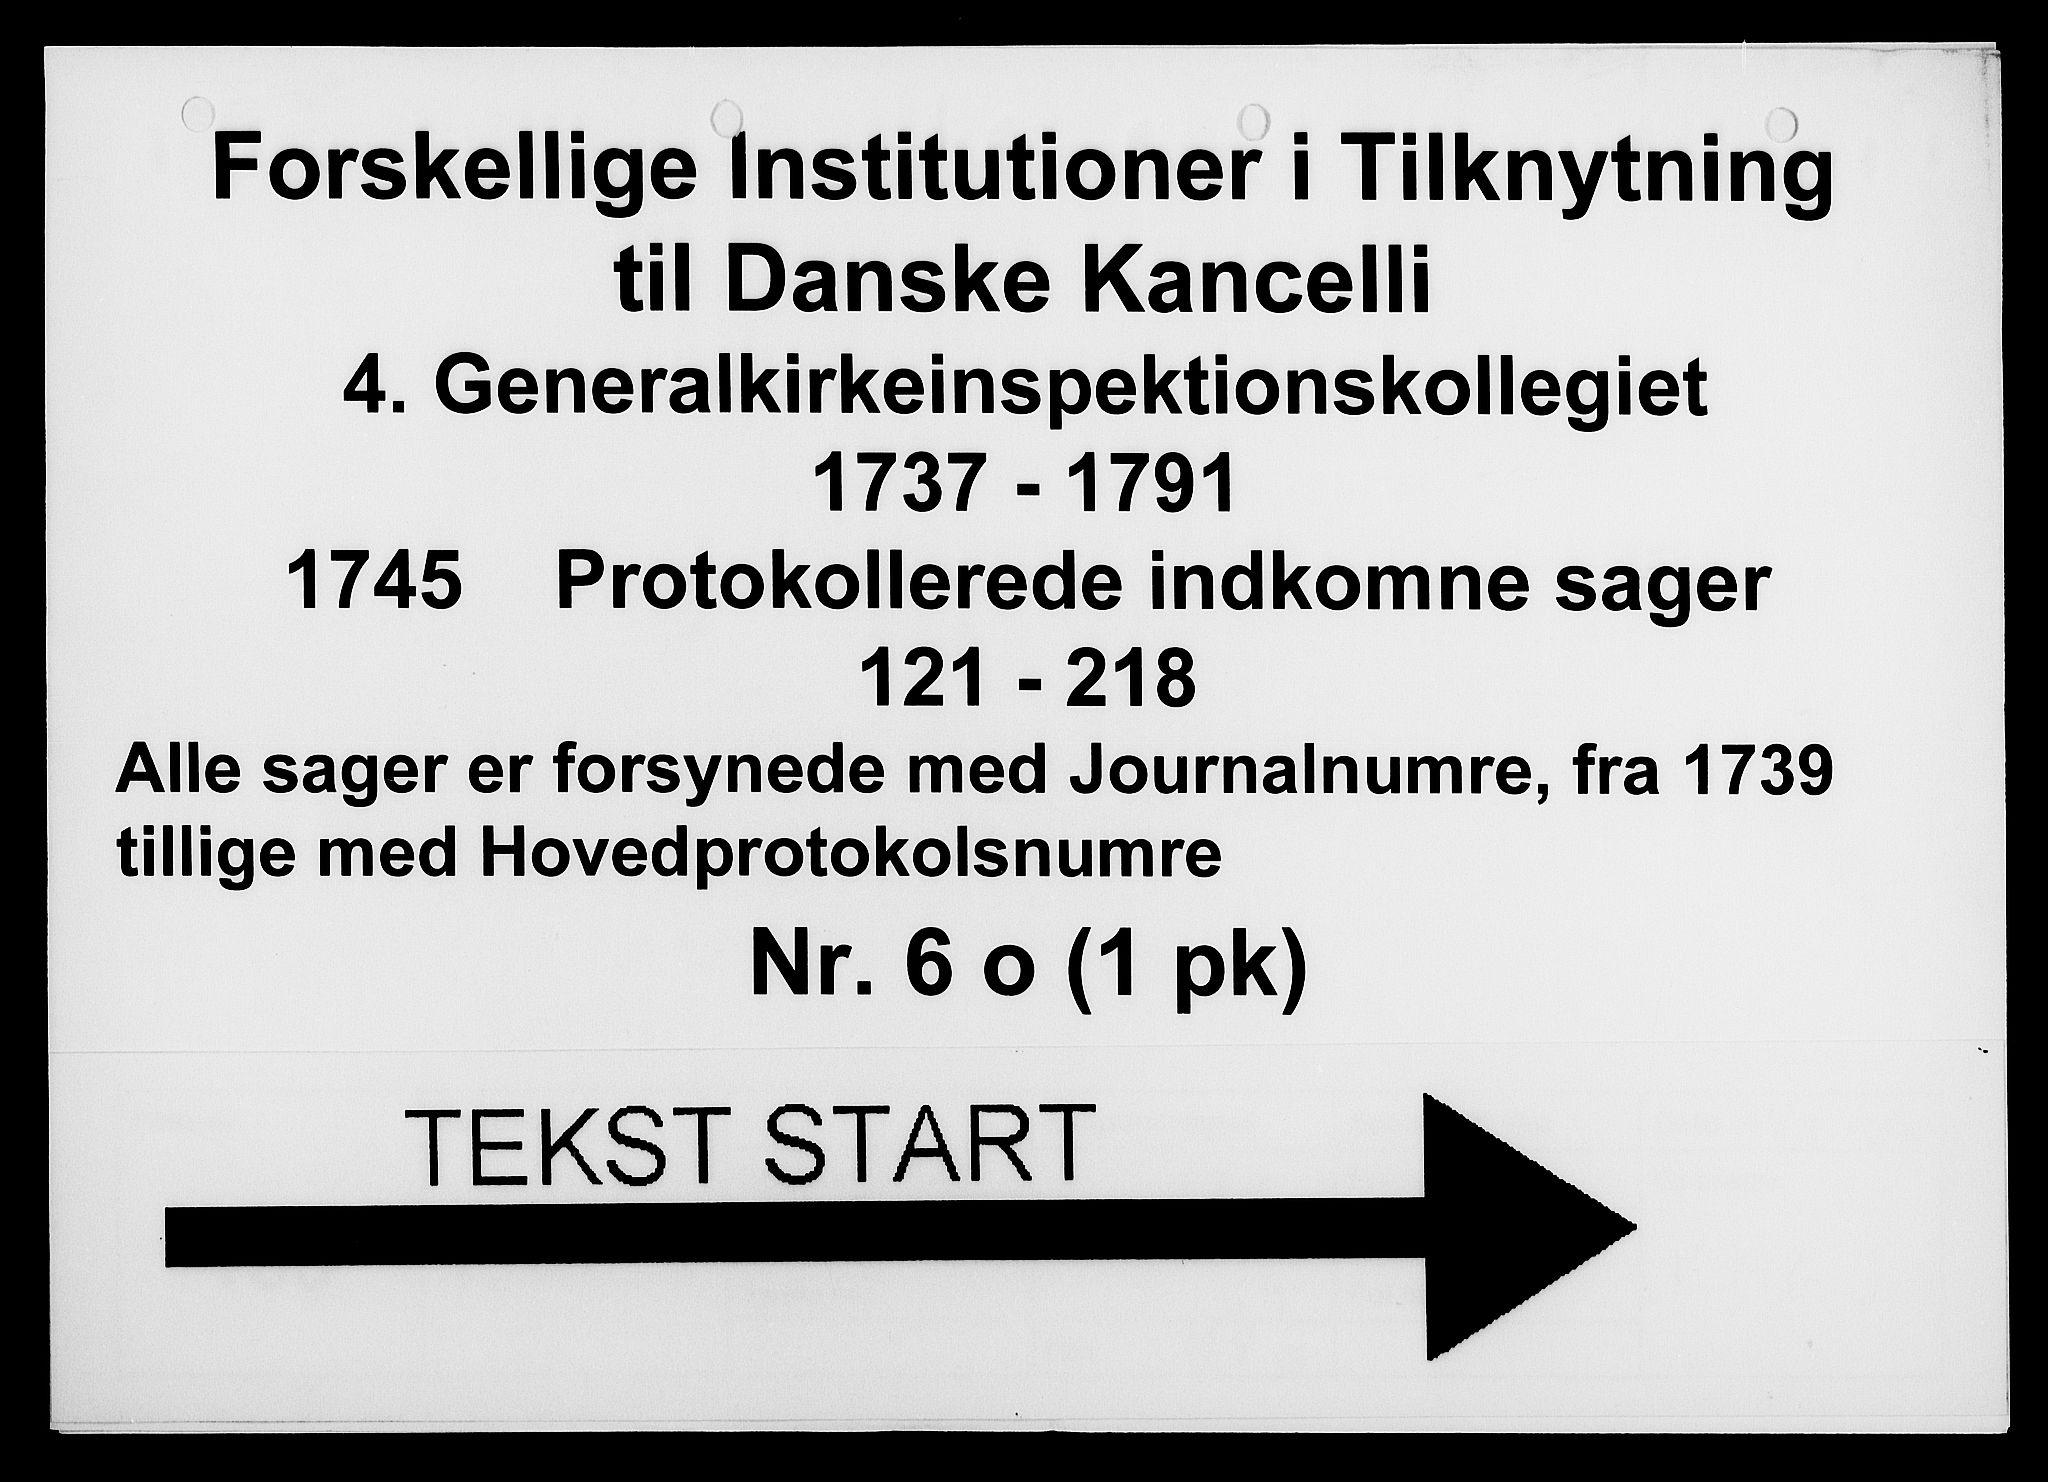 DRA, Generalkirkeinspektionskollegiet, F4-06/F4-06-15: Protokollerede indkomne sager, 1745